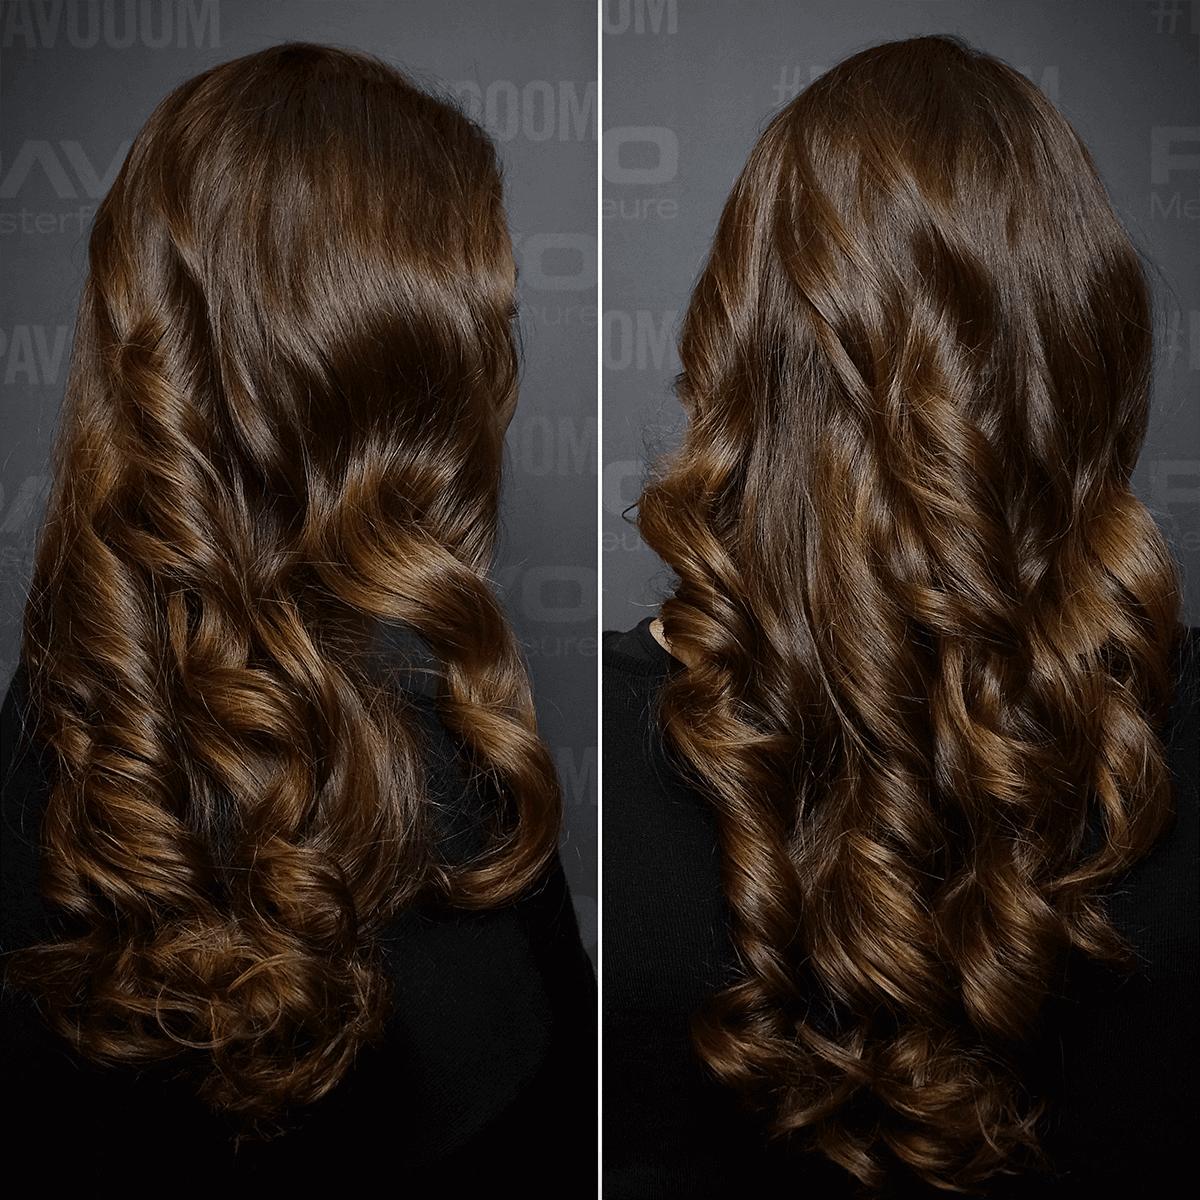 Guter Friseur In Essen Pavo Friseure Highlights Für Braune Haare